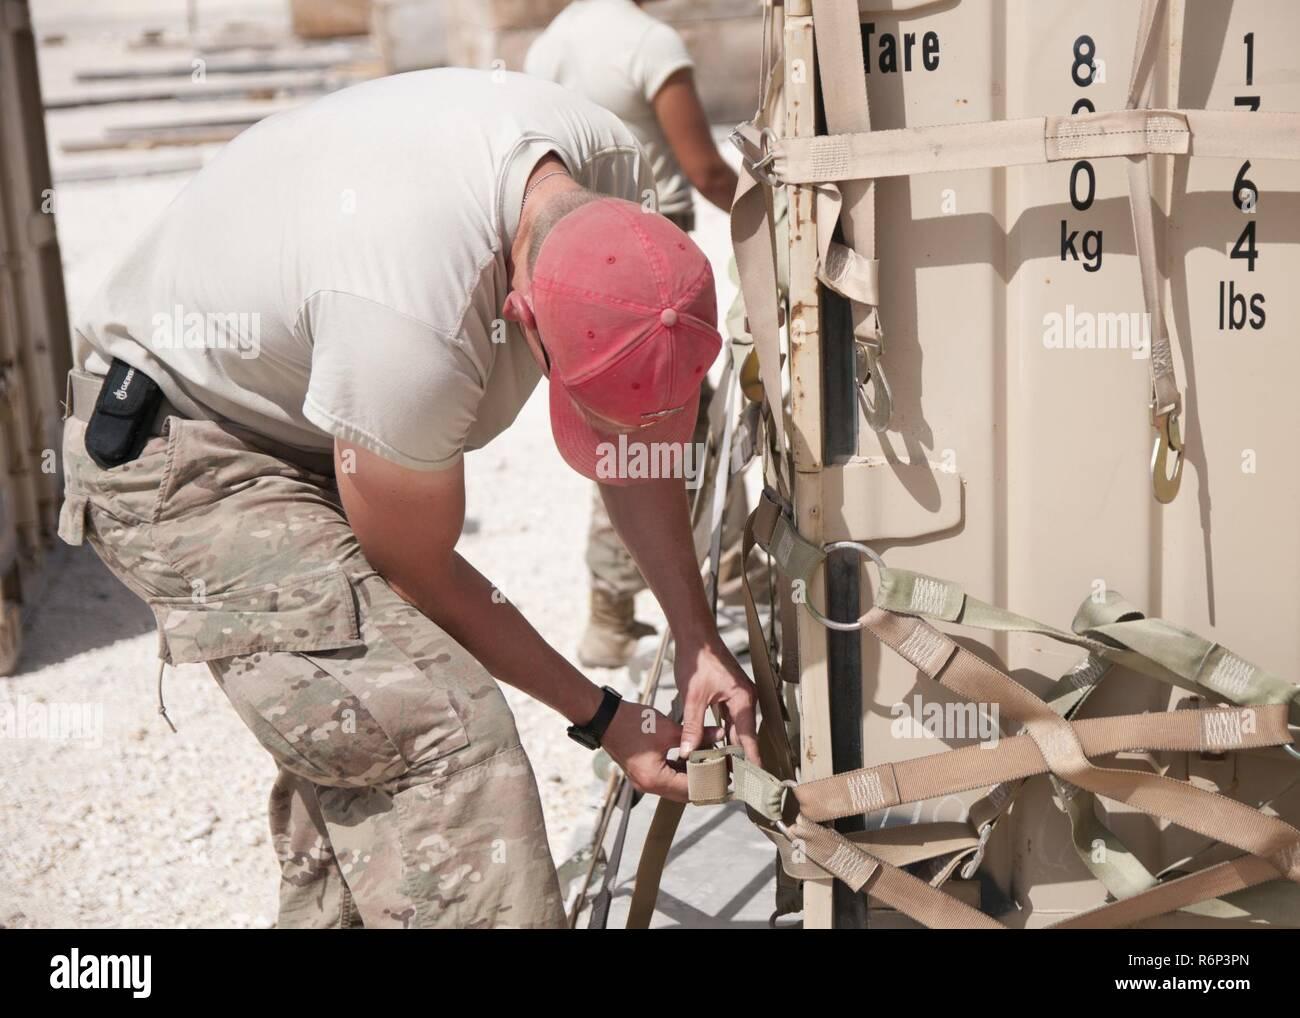 El Sgt. Brandon Krieger, de la 824ª Compañía de intendencia, asegura un contenedor con compensación de carga de entrega aérea en la base aérea de Al Udeid, Qatar, el 19 de abril de 2017. Operaciones de entrega aérea son esenciales para llevar suministros a las tropas en el Oriente Medio cuando los medios convencionales de transporte no son factibles. Foto de stock